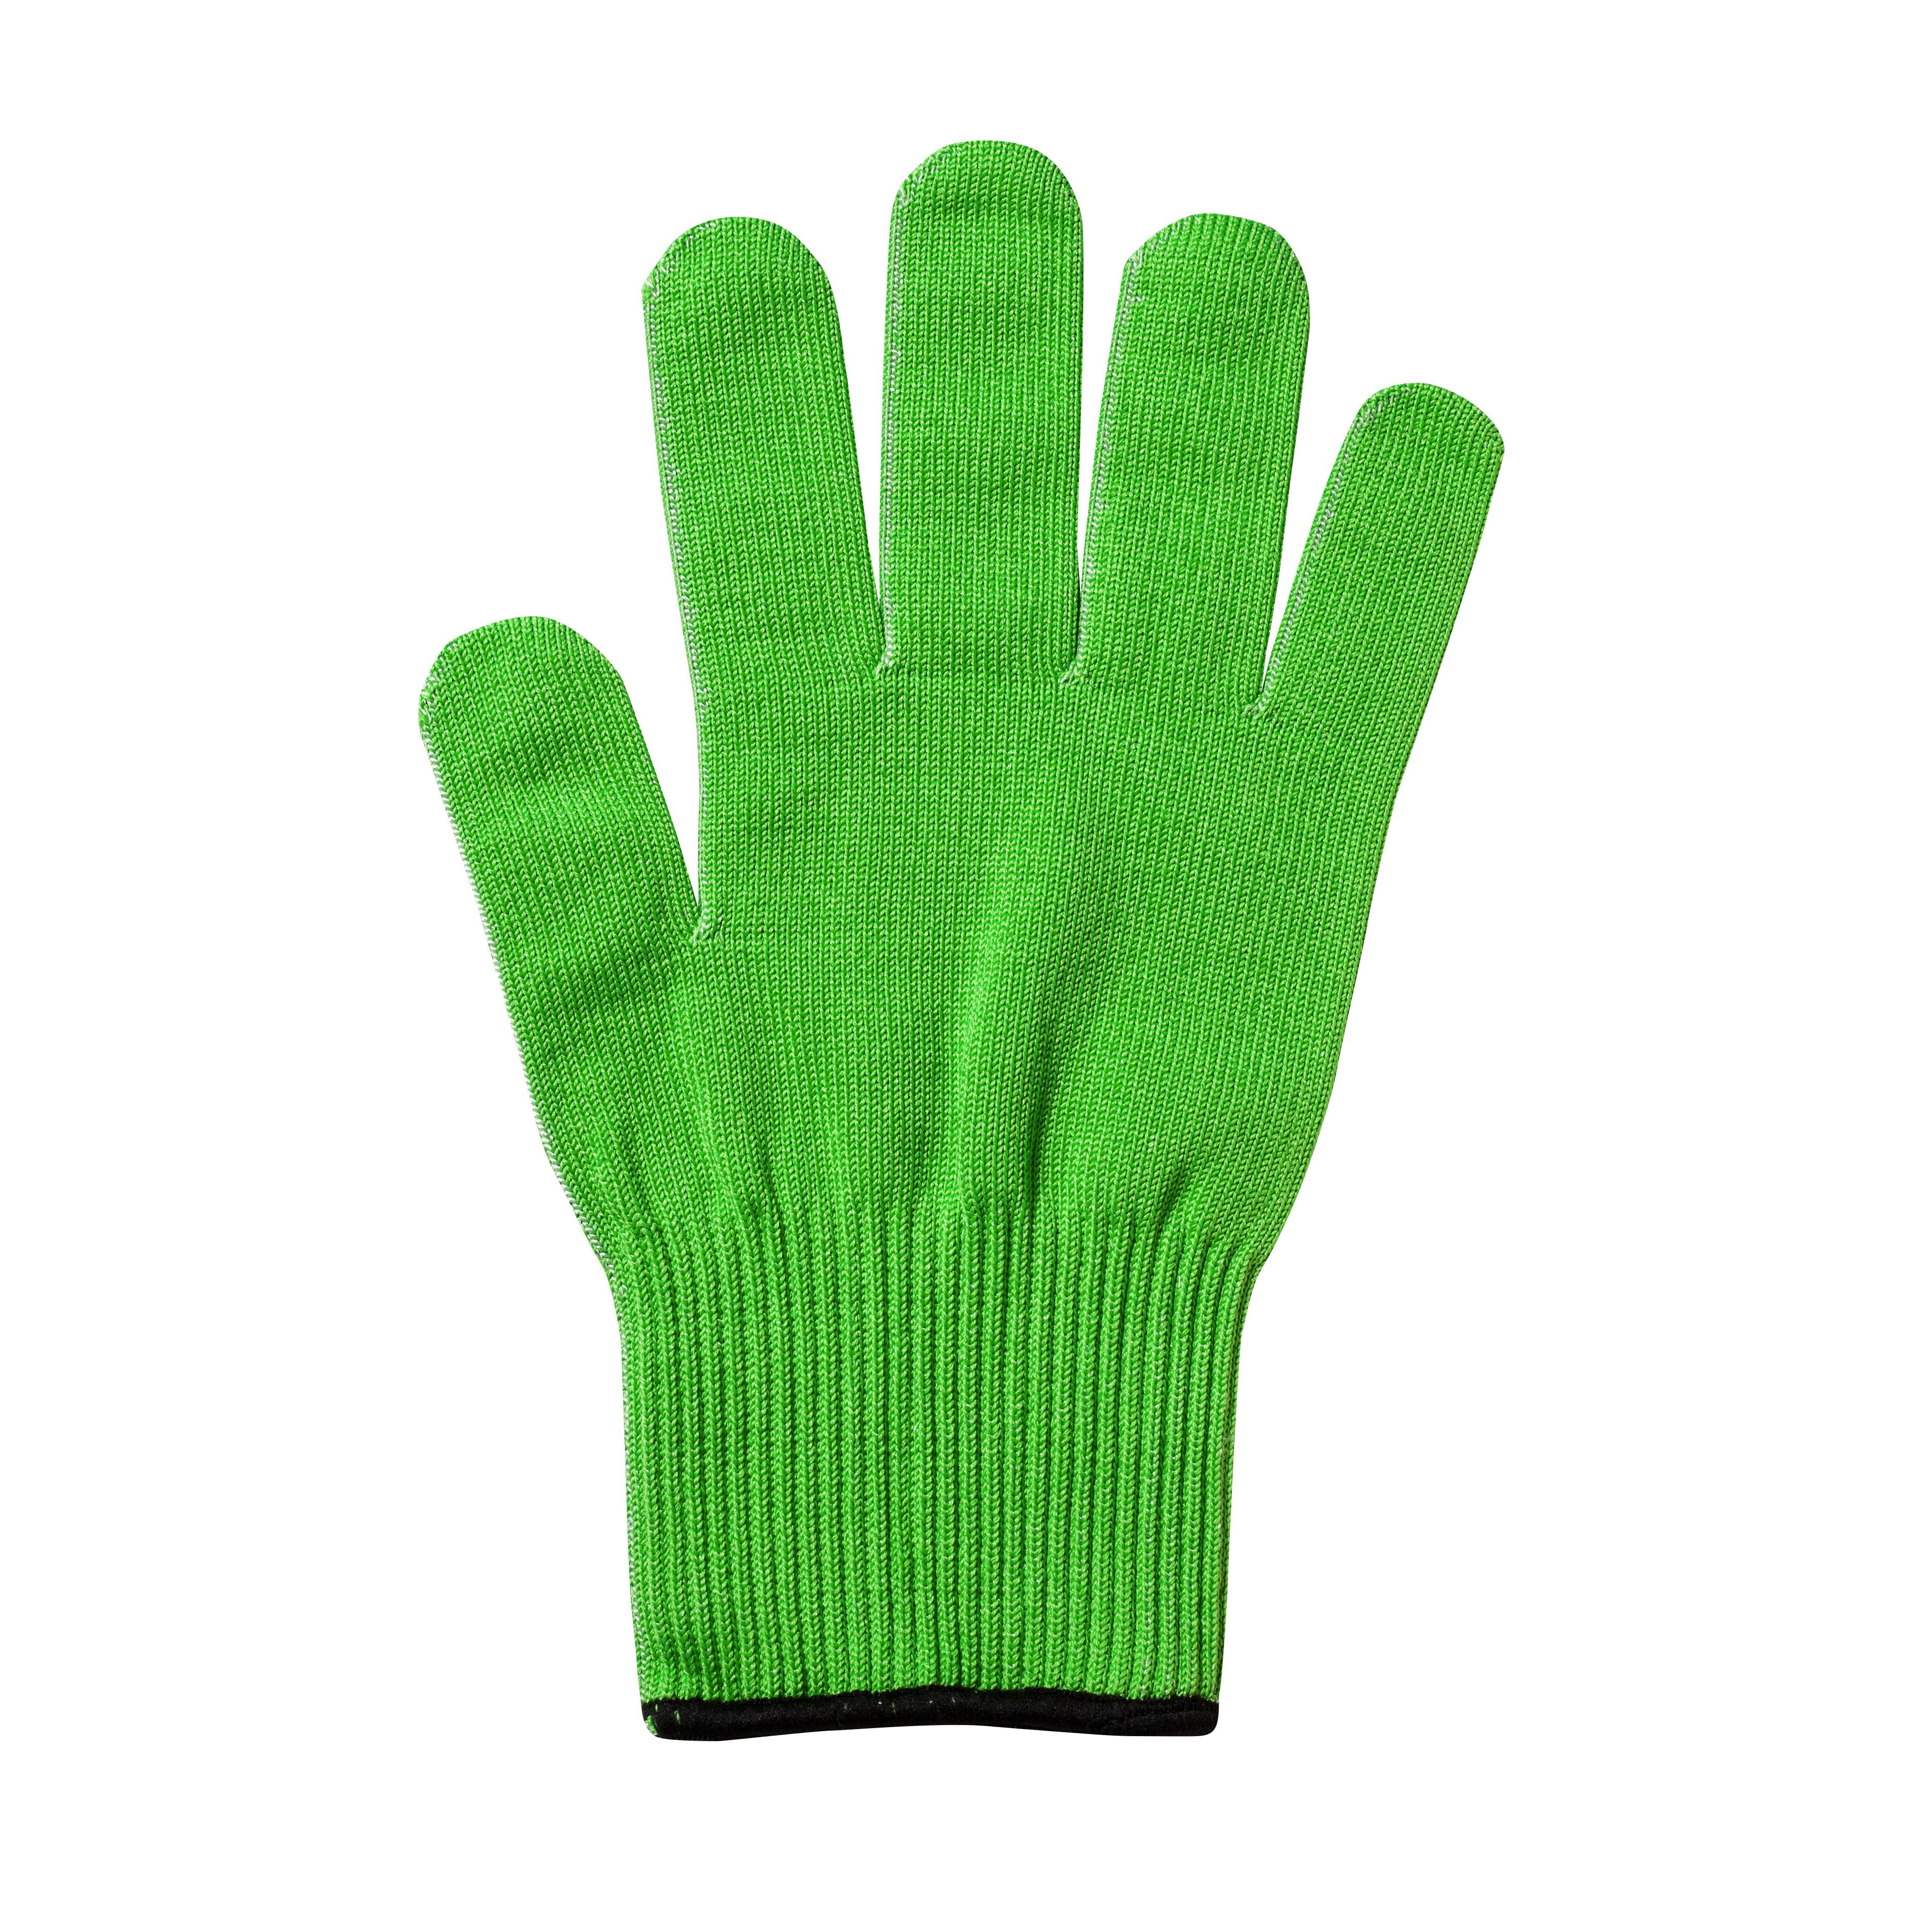 Mercer Culinary M33415GRXS glove, cut resistant